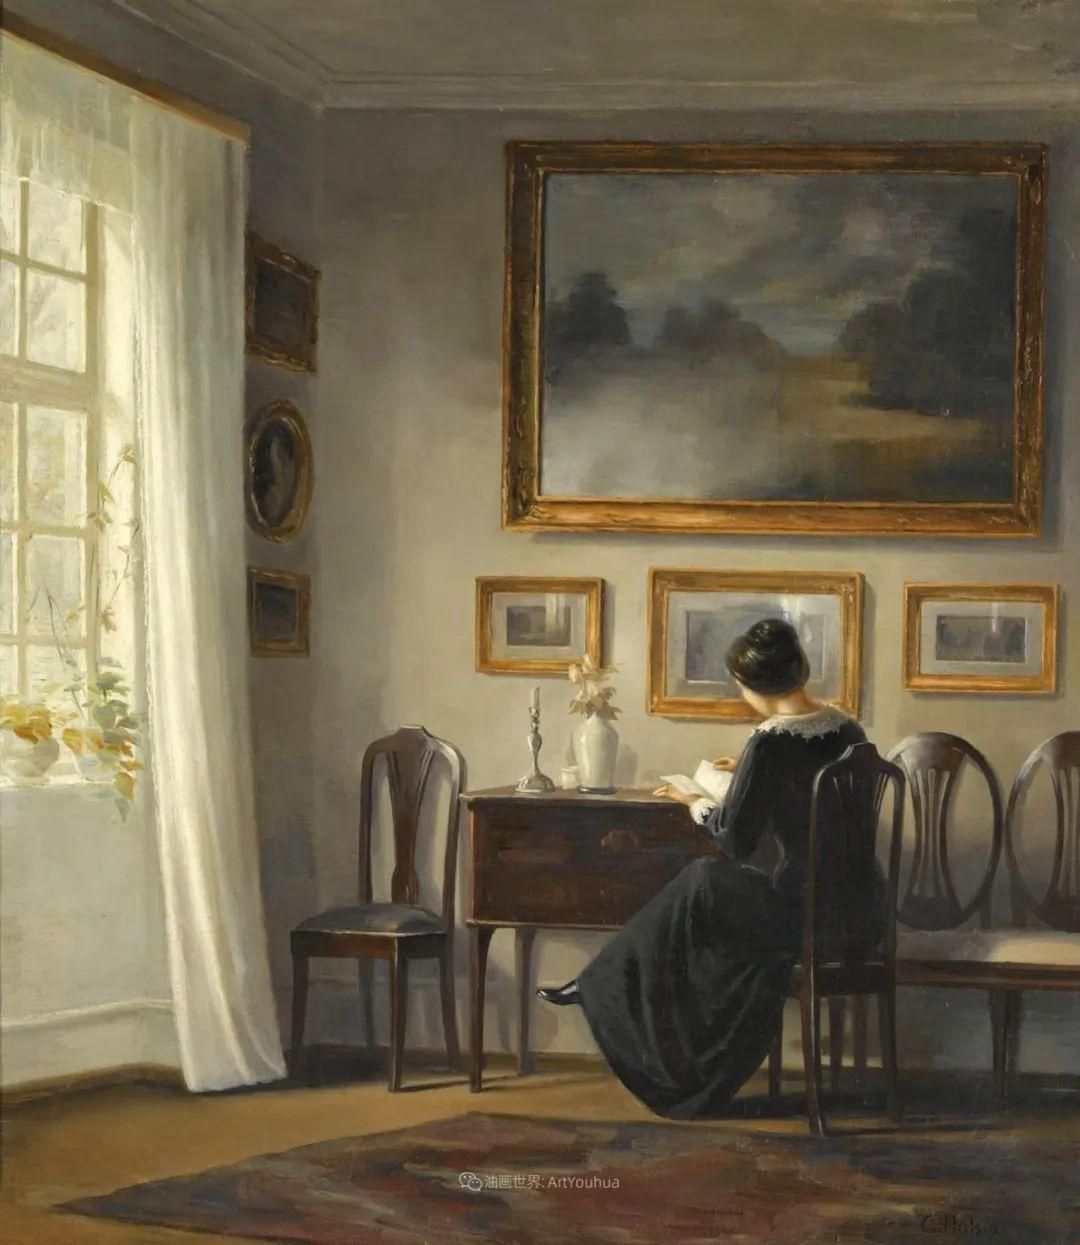 看书的女人最美丽,那一刻全世界都安静了!插图15